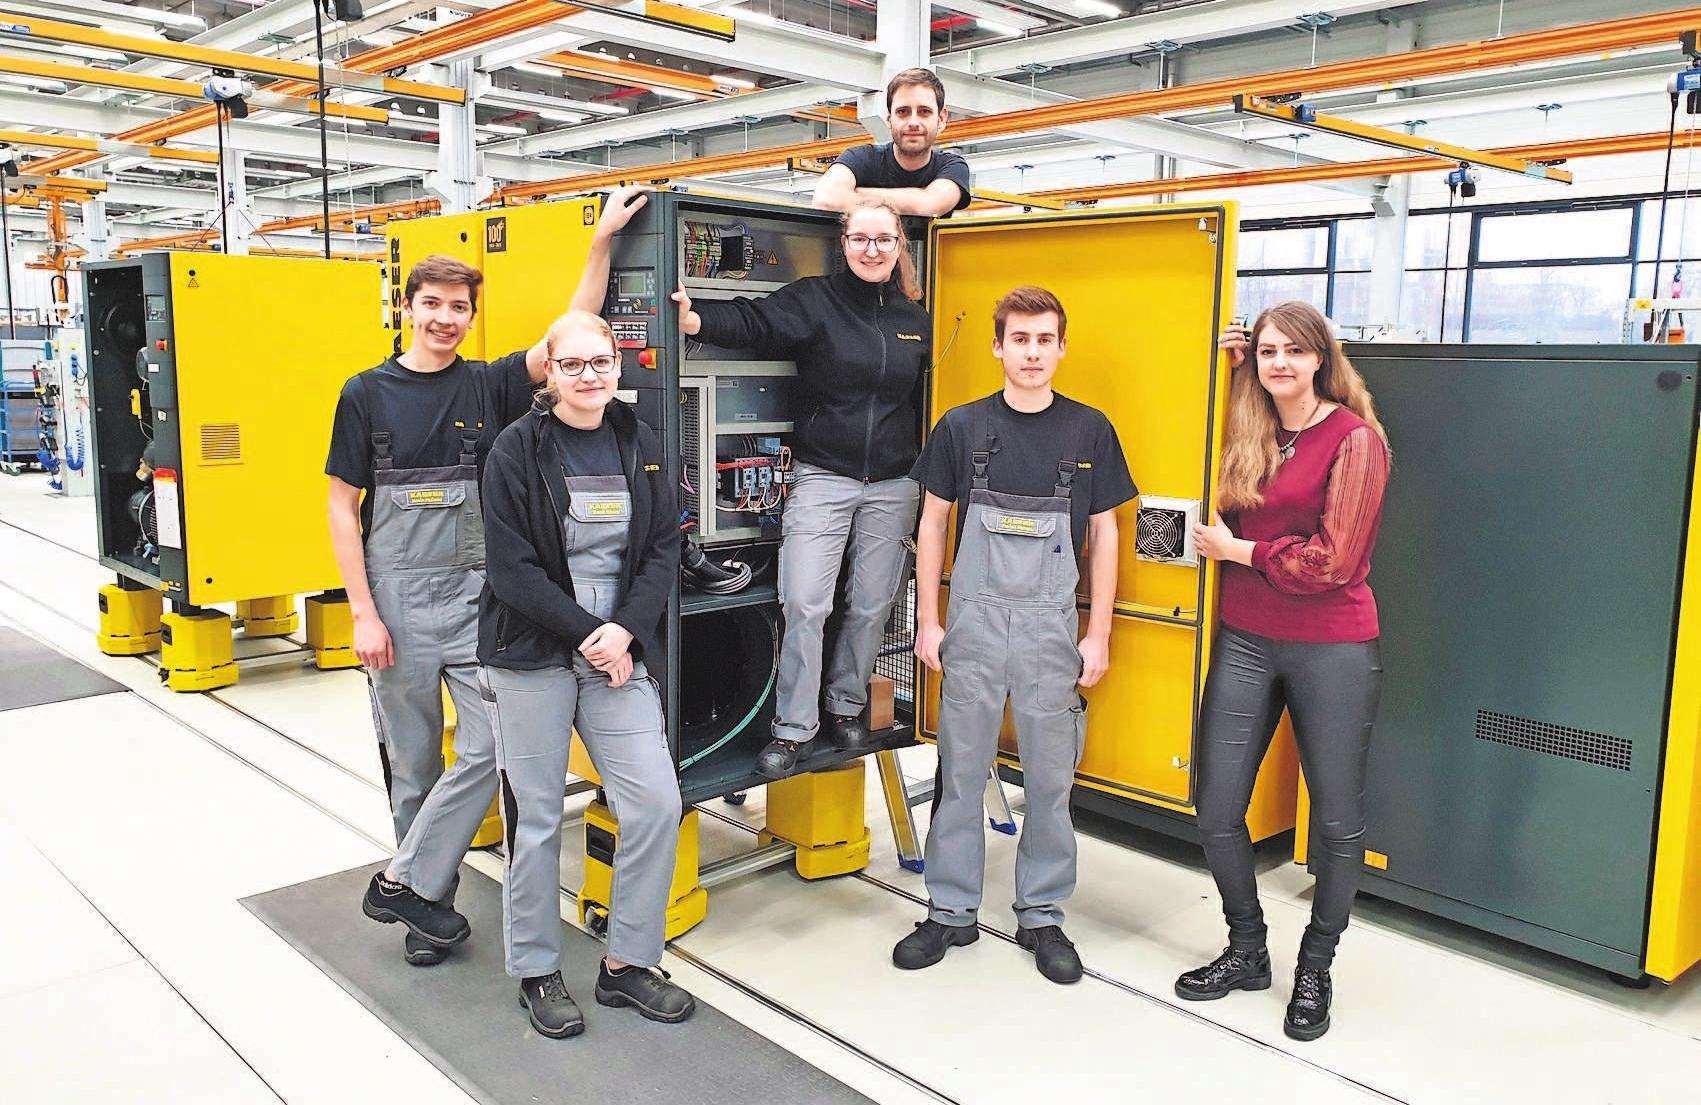 Kevin Holland, Sarah Mönch, David Trevino Alonso, Sabrina Schäftlein, Florian Storath und Sarah Bonawitz sind Auszubildende bei Kaeser Kompressoren und erzählen, warum sie sich dafür entschieden haben und wie es ihnen damit geht.